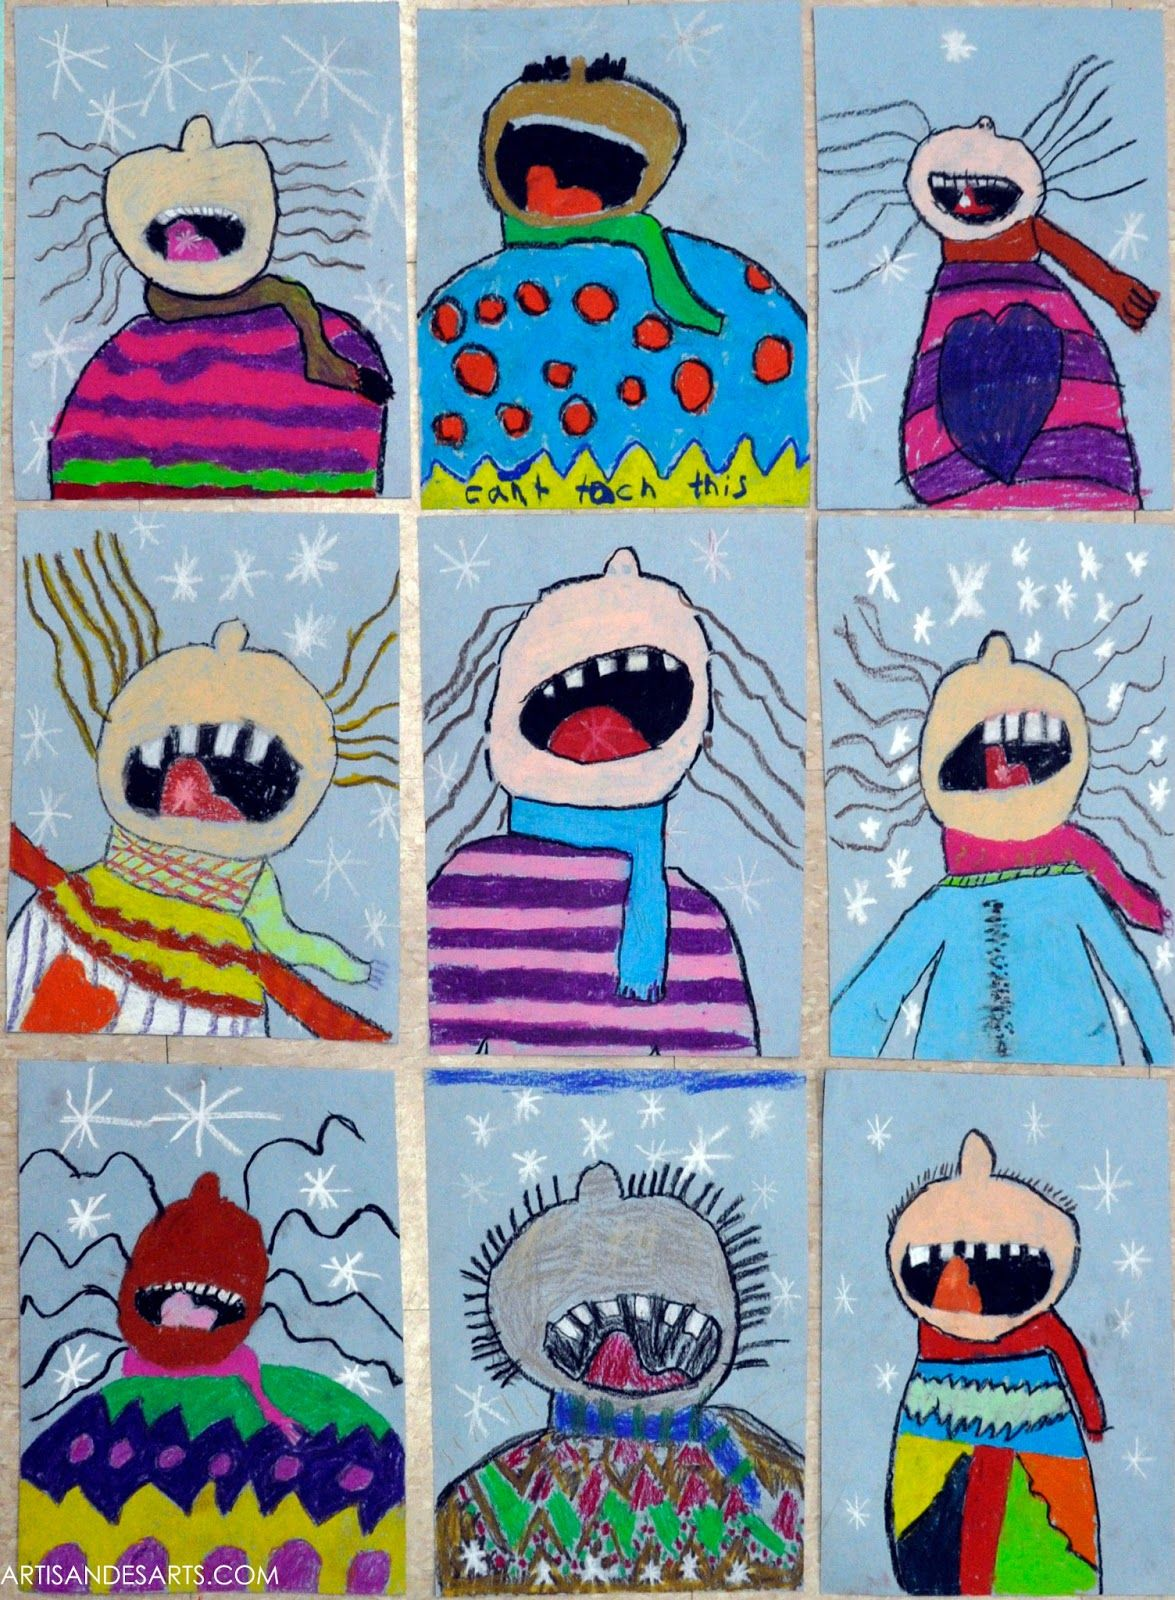 artisan des arts: Catching Snowflakes - grade 3 #pastelpattern